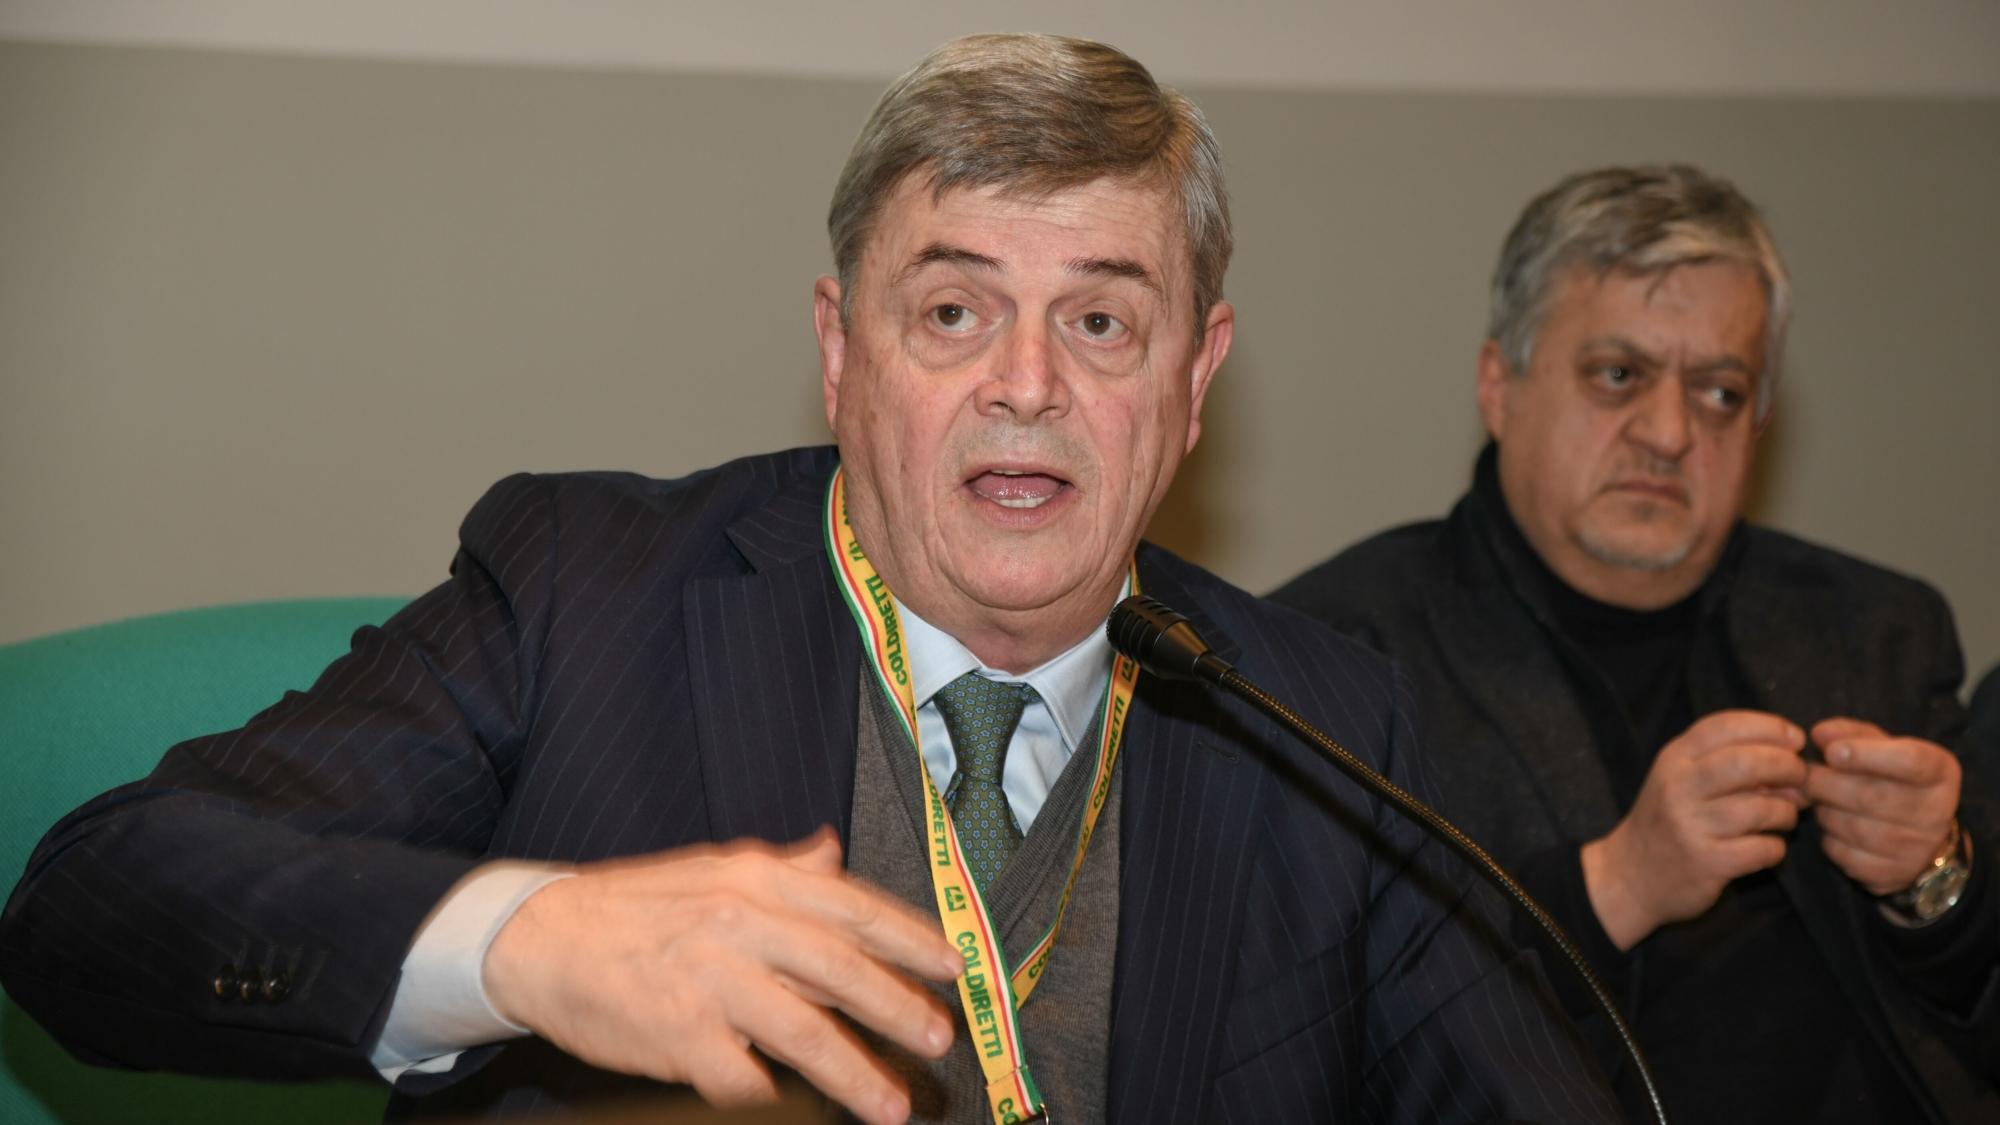 Grana Padano Coldiretti